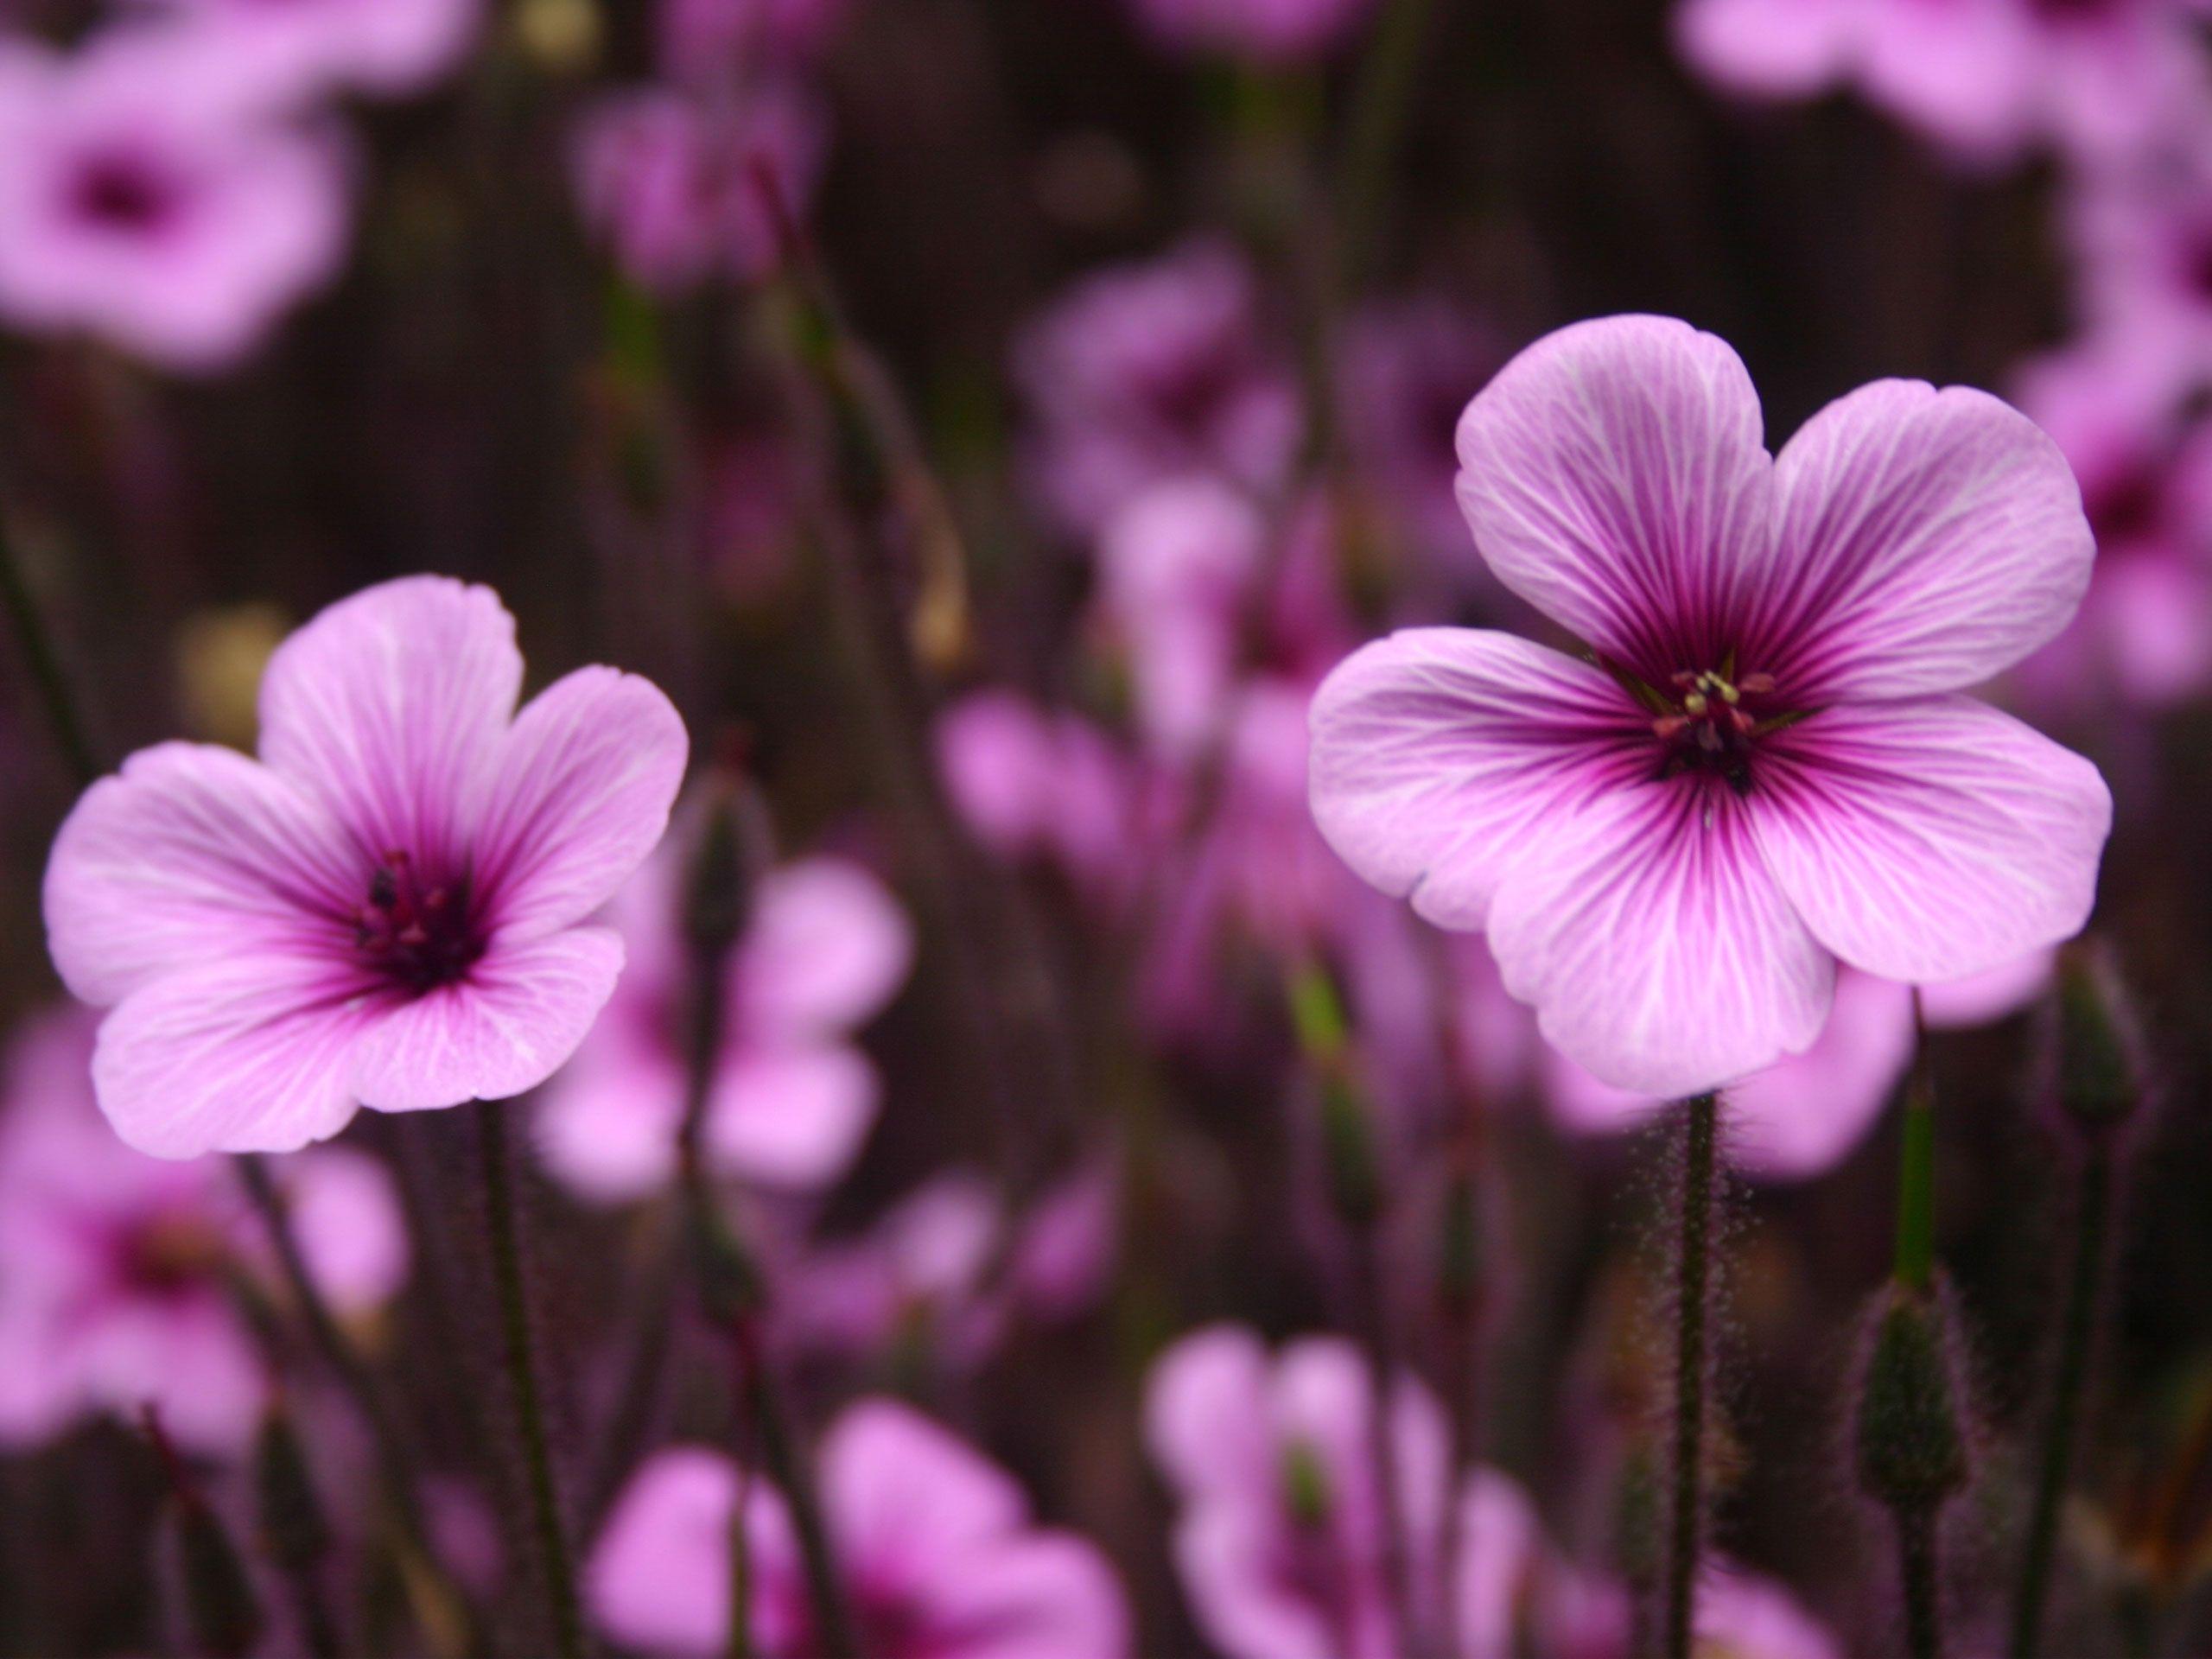 Hd Flower Wallpaper Free Purple Flowers